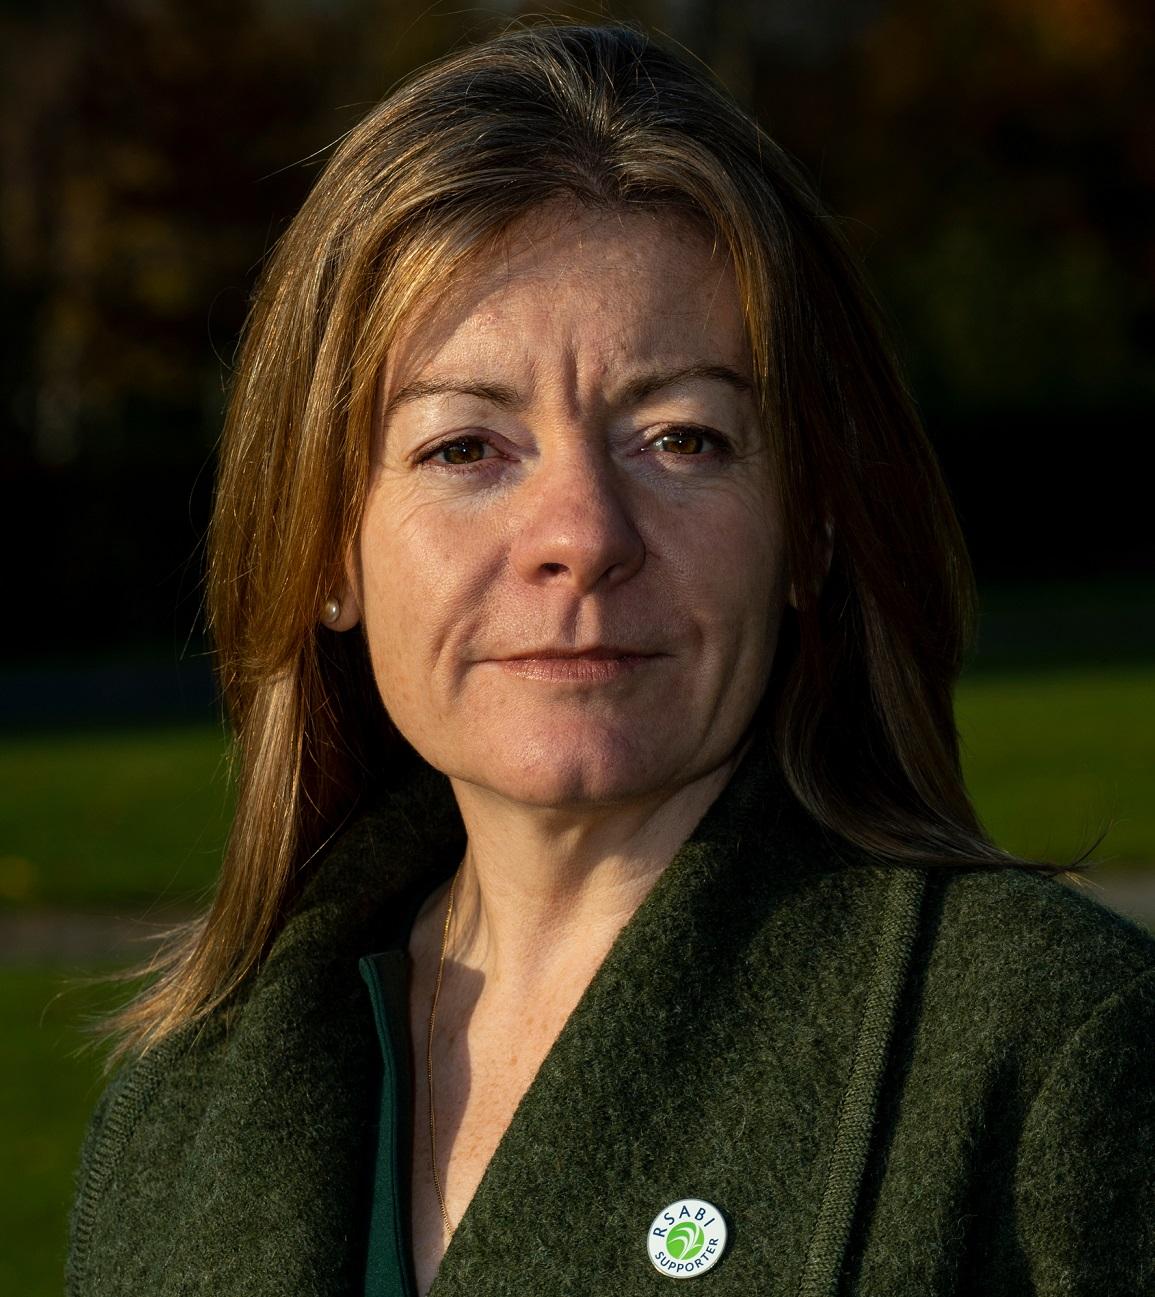 RSABI Chief executive Nina Clancy